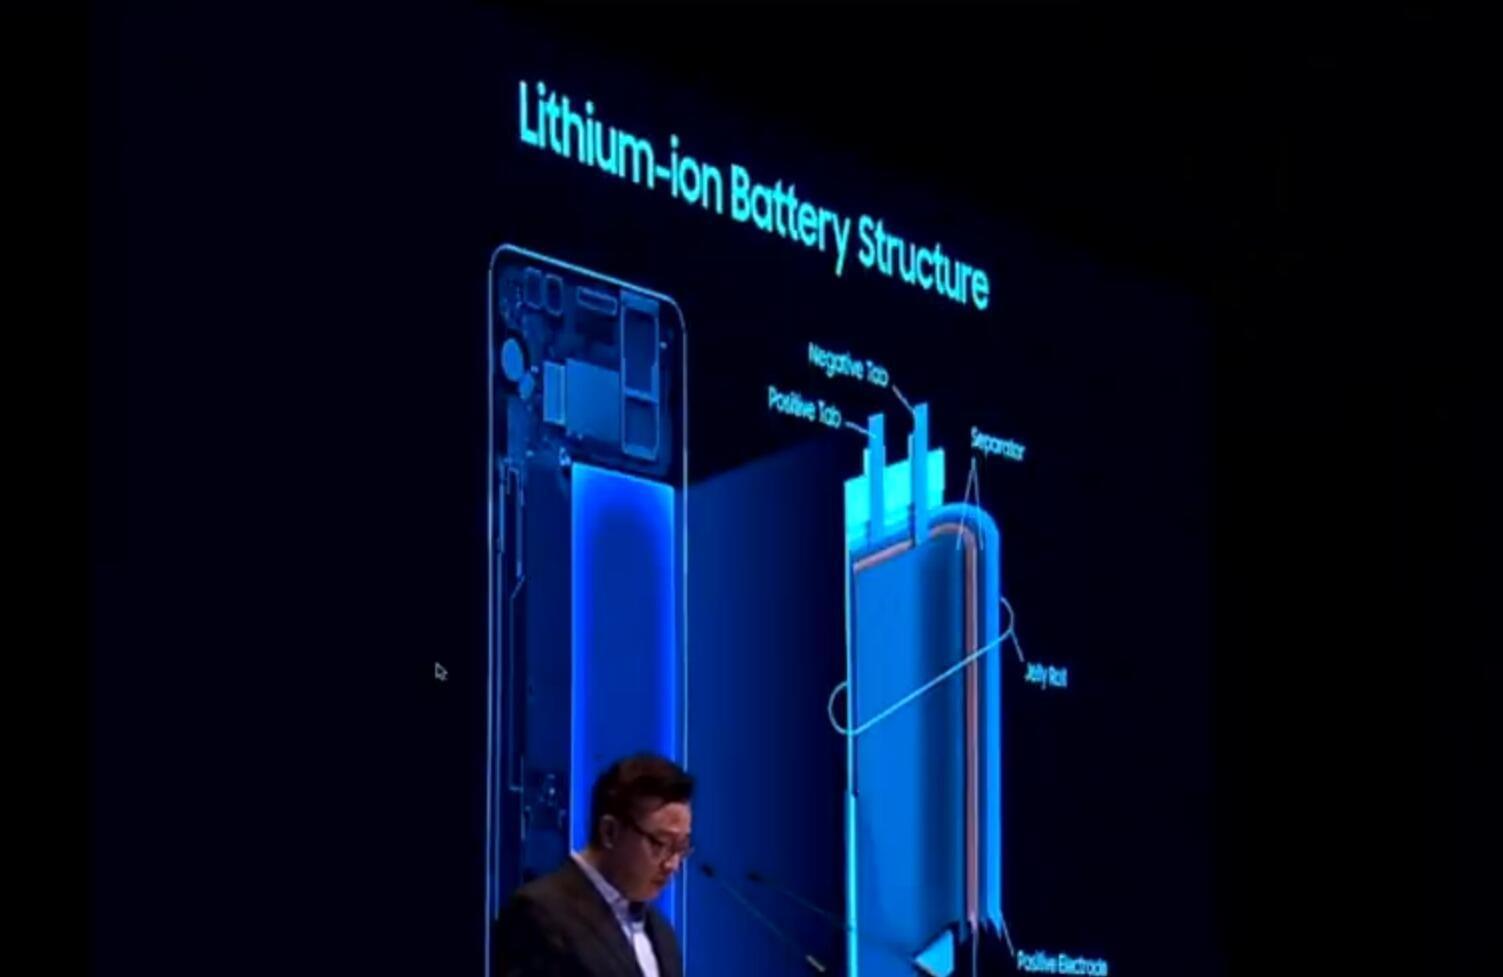 三星正式公布Galaxy Note 7爆炸调查结果的照片 - 2